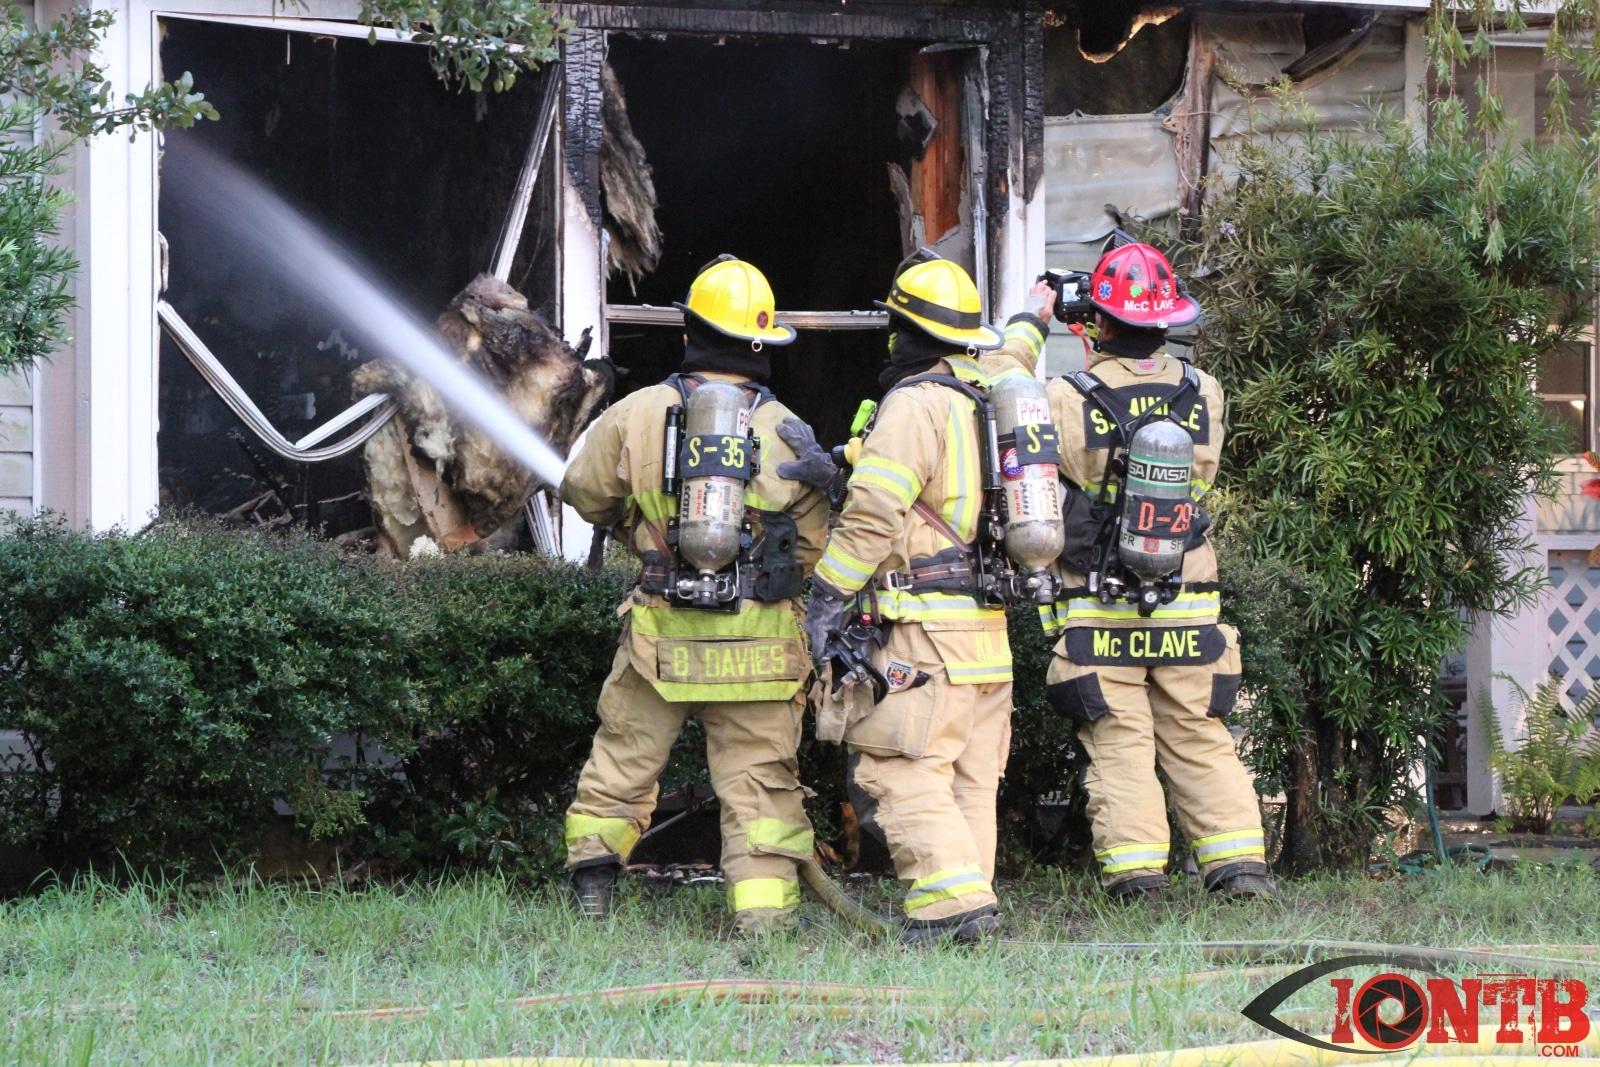 Suicide Investigation Underway in Pinellas Park Fire